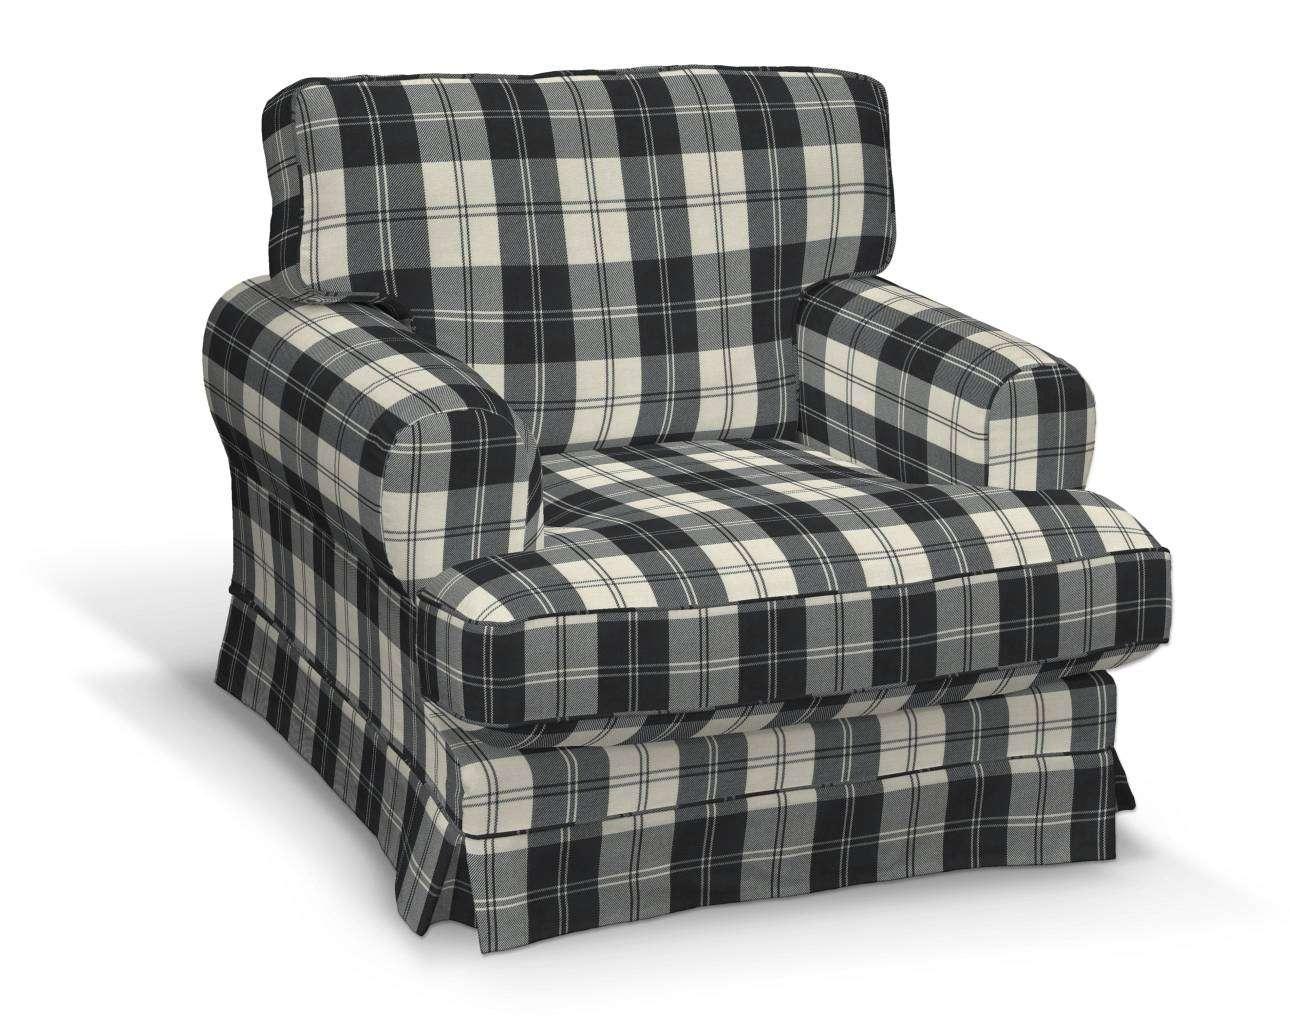 Pokrowiec na fotel Ekeskog Fotel Ekeskog w kolekcji Edinburgh, tkanina: 115-74